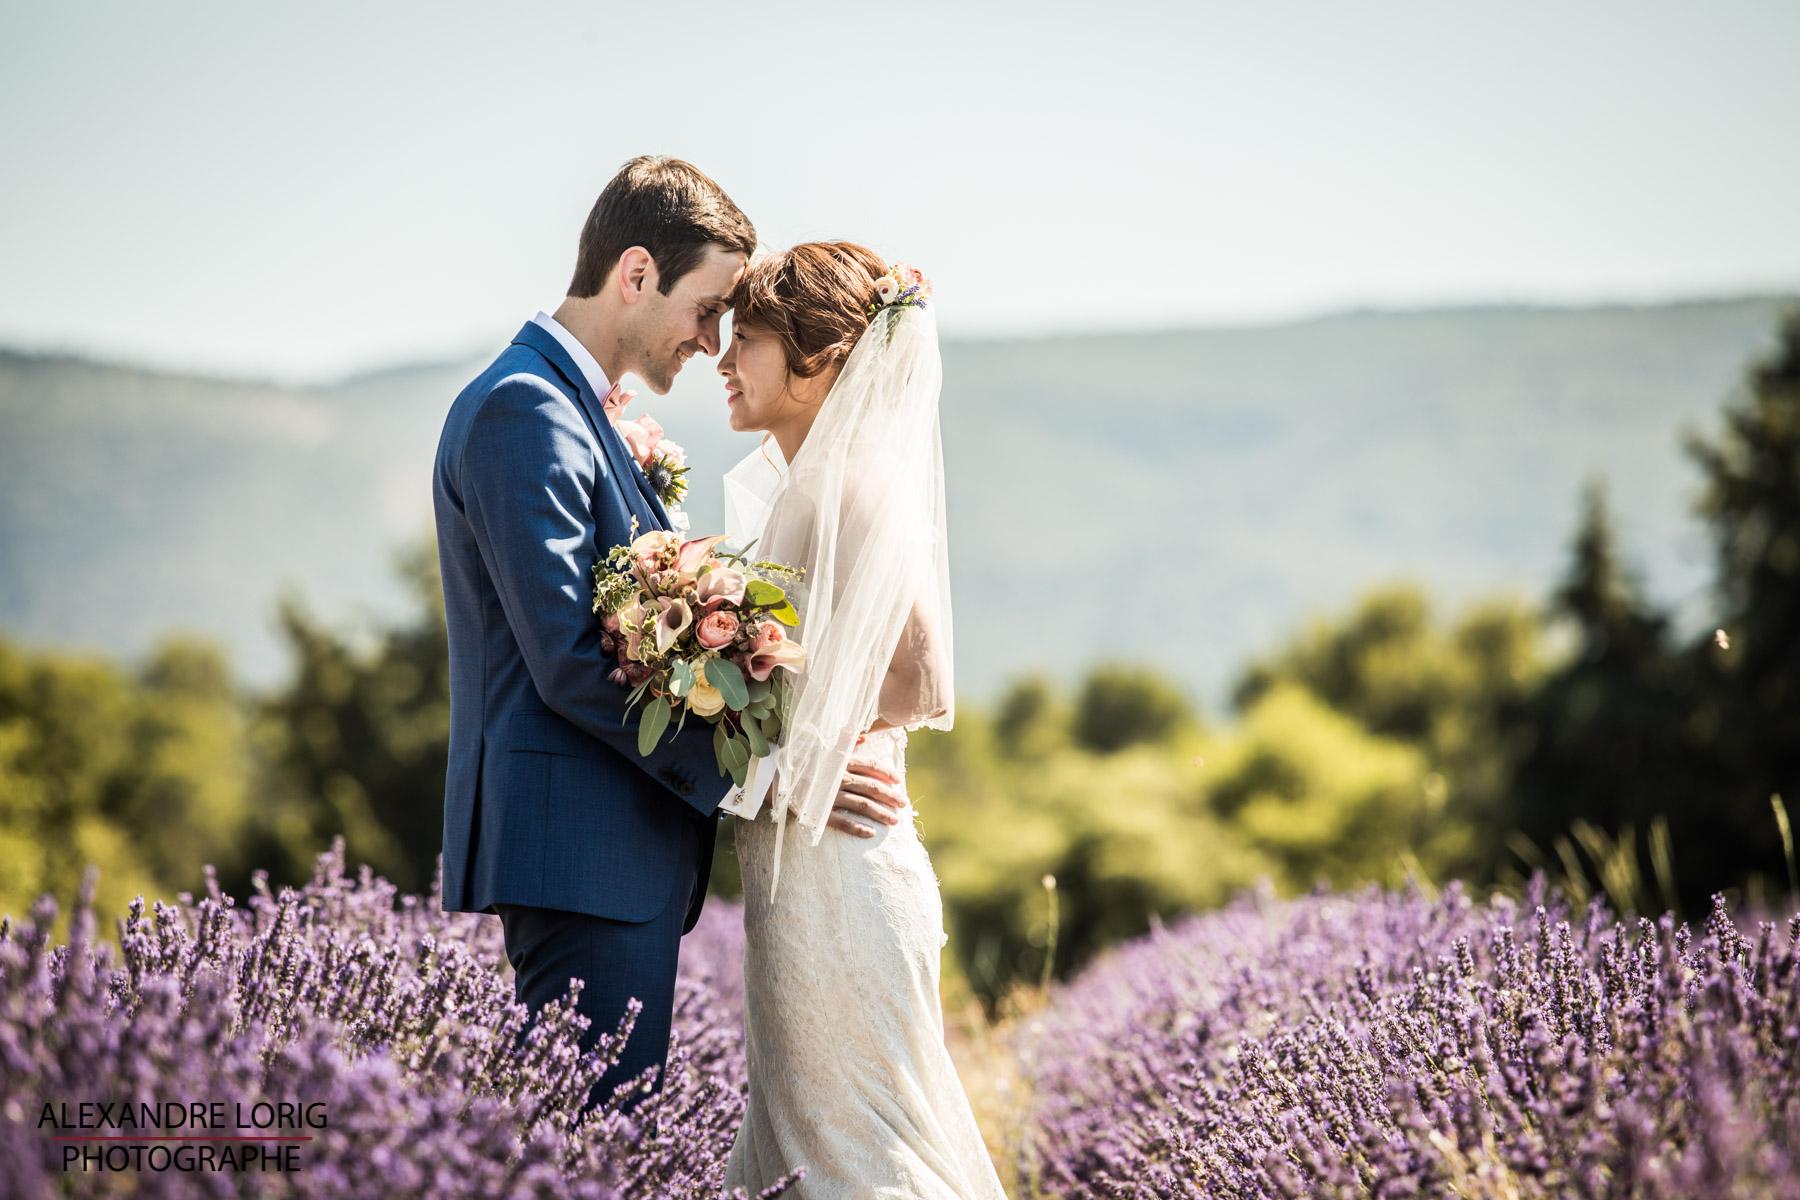 le coeur dans les etoiles - wedding planner provence - luberon - mariage provence - Alexandre Lorig - champ de lavande